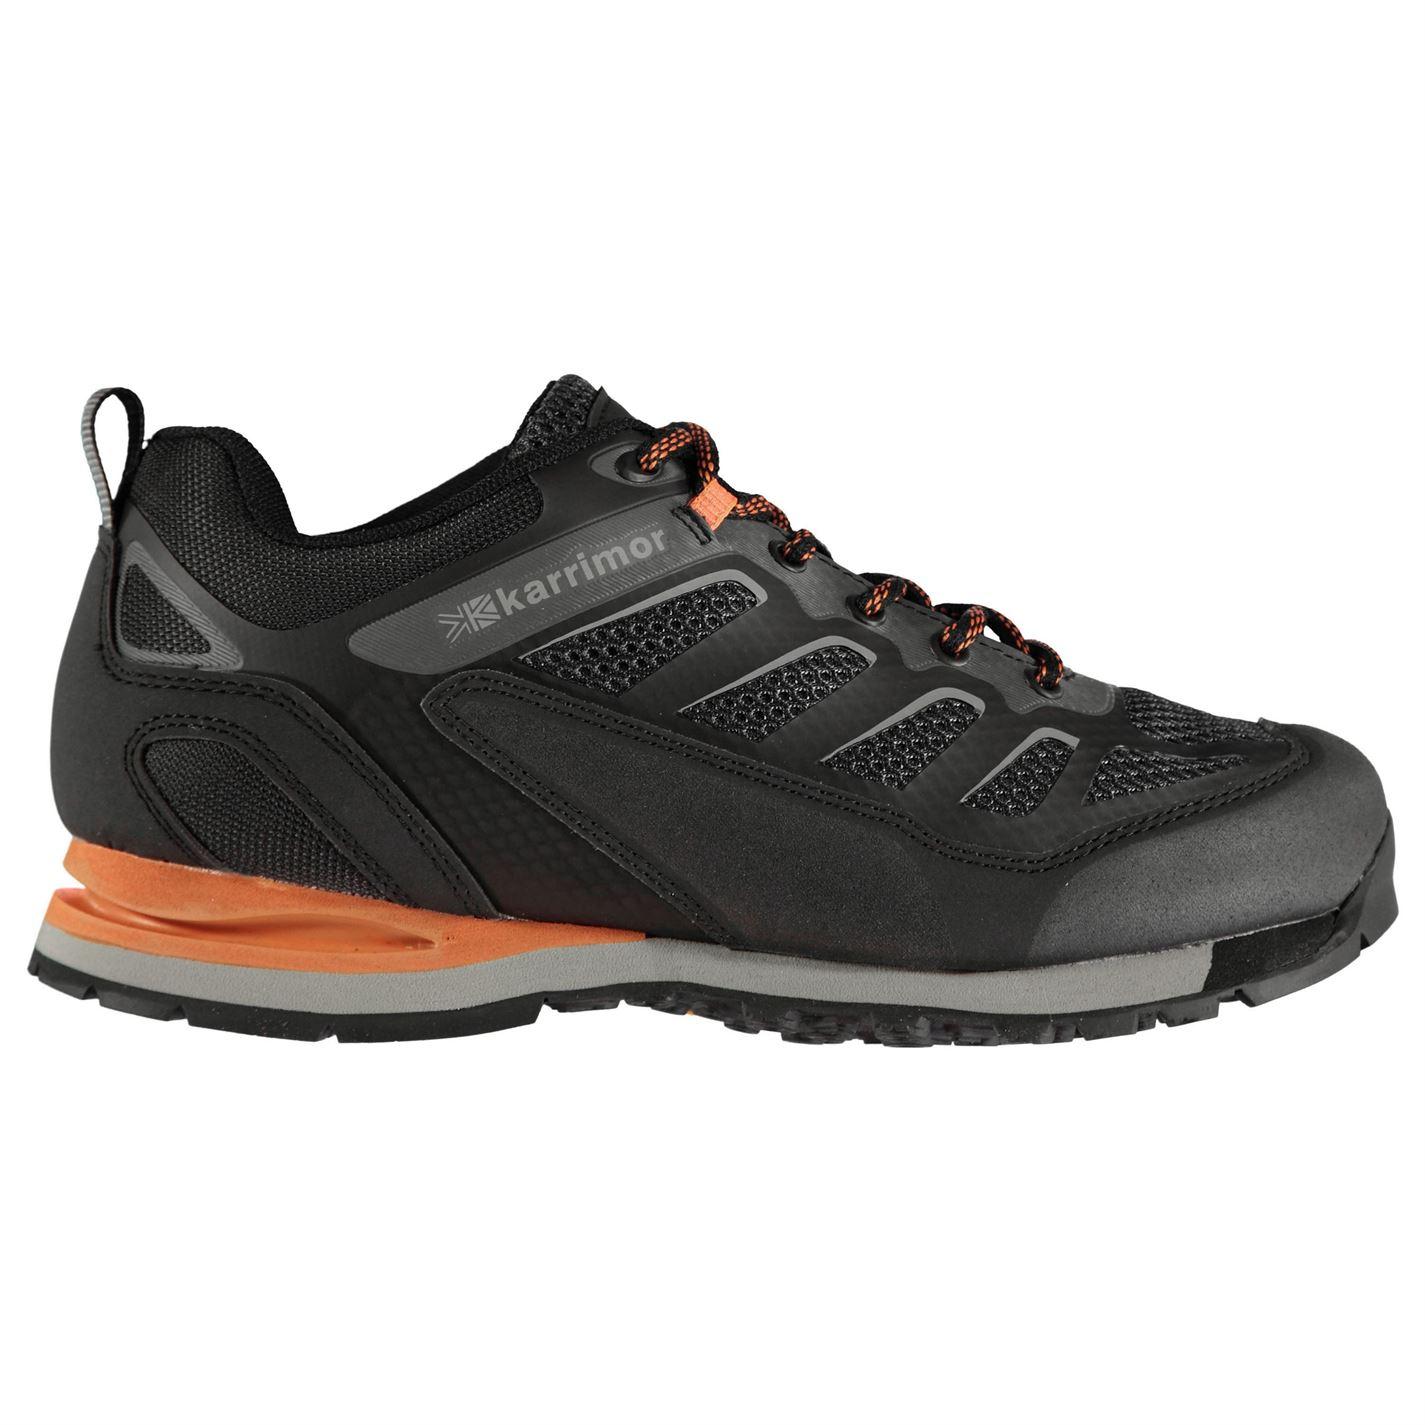 Karrimor Atomic Pro pánske vychádzkové topánky